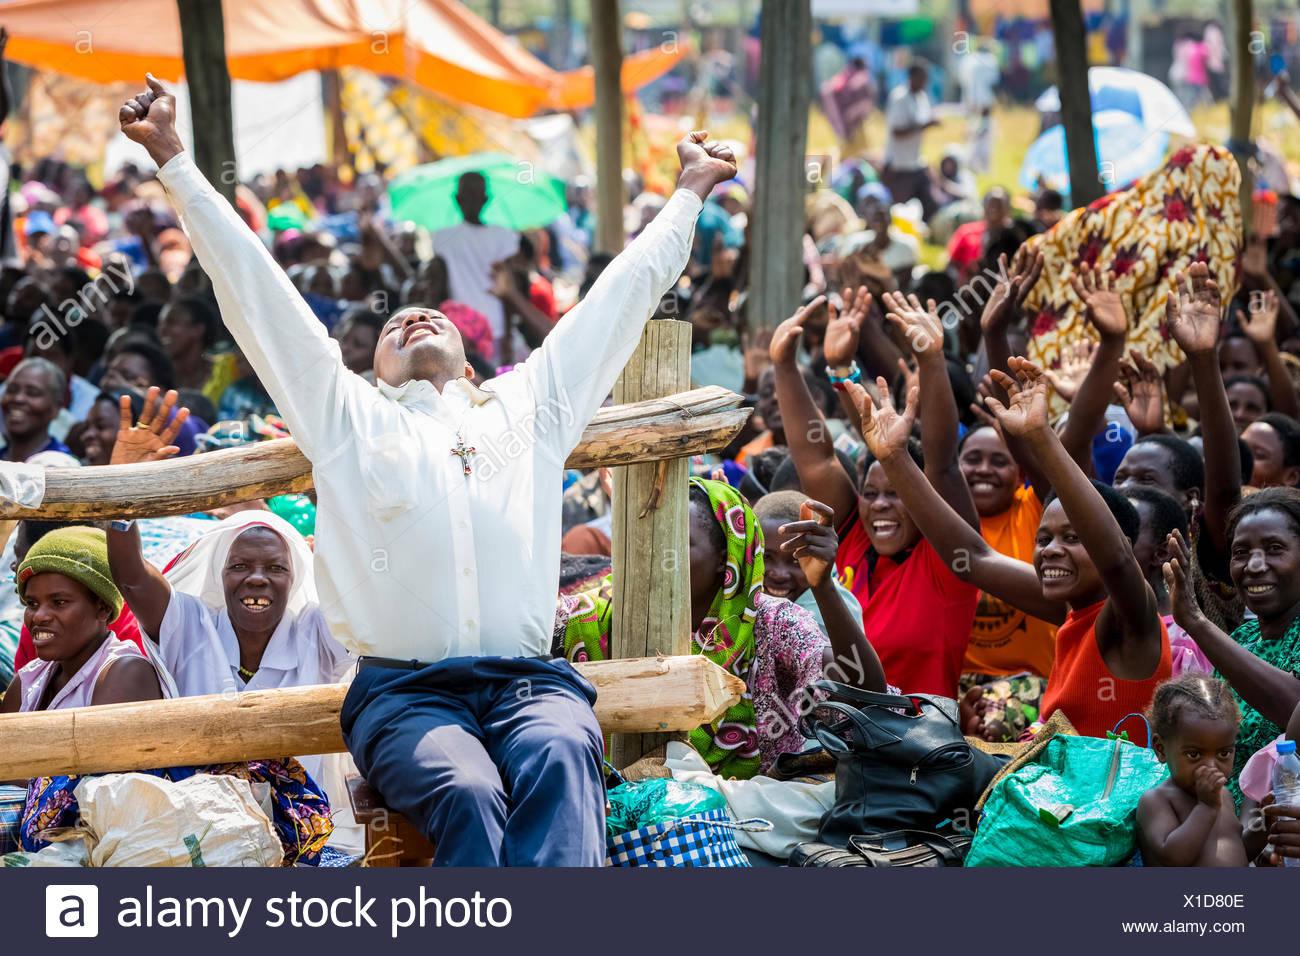 Catholic Charismatic Renewal; Uganda - Stock Image